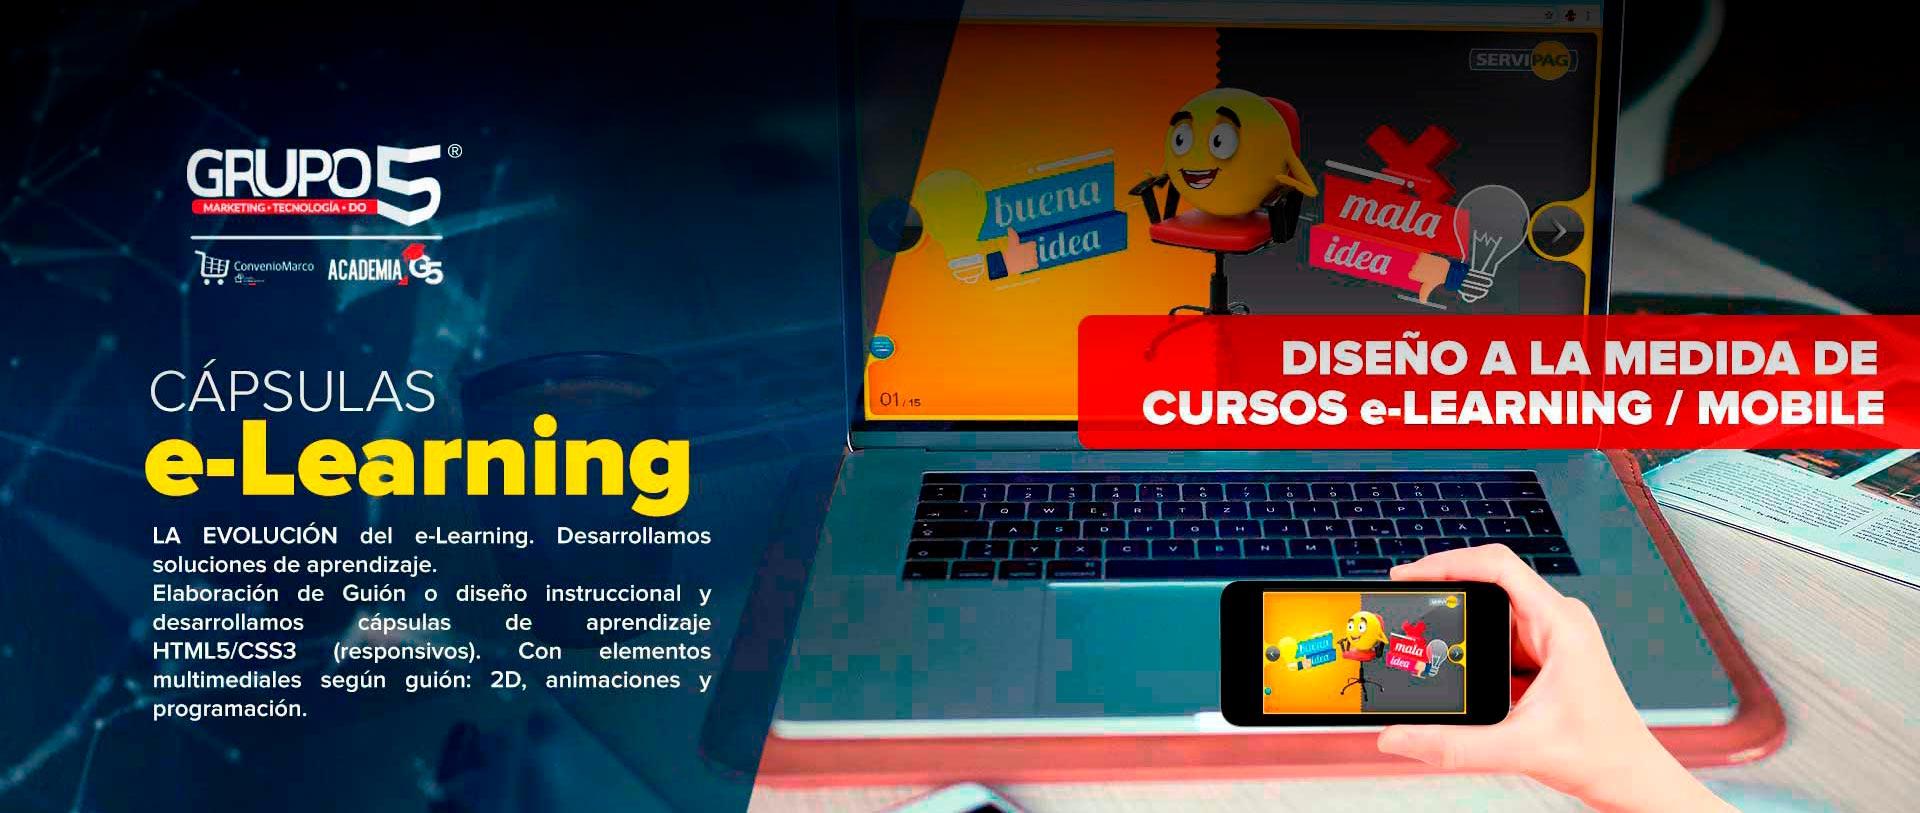 cursosElearning_short